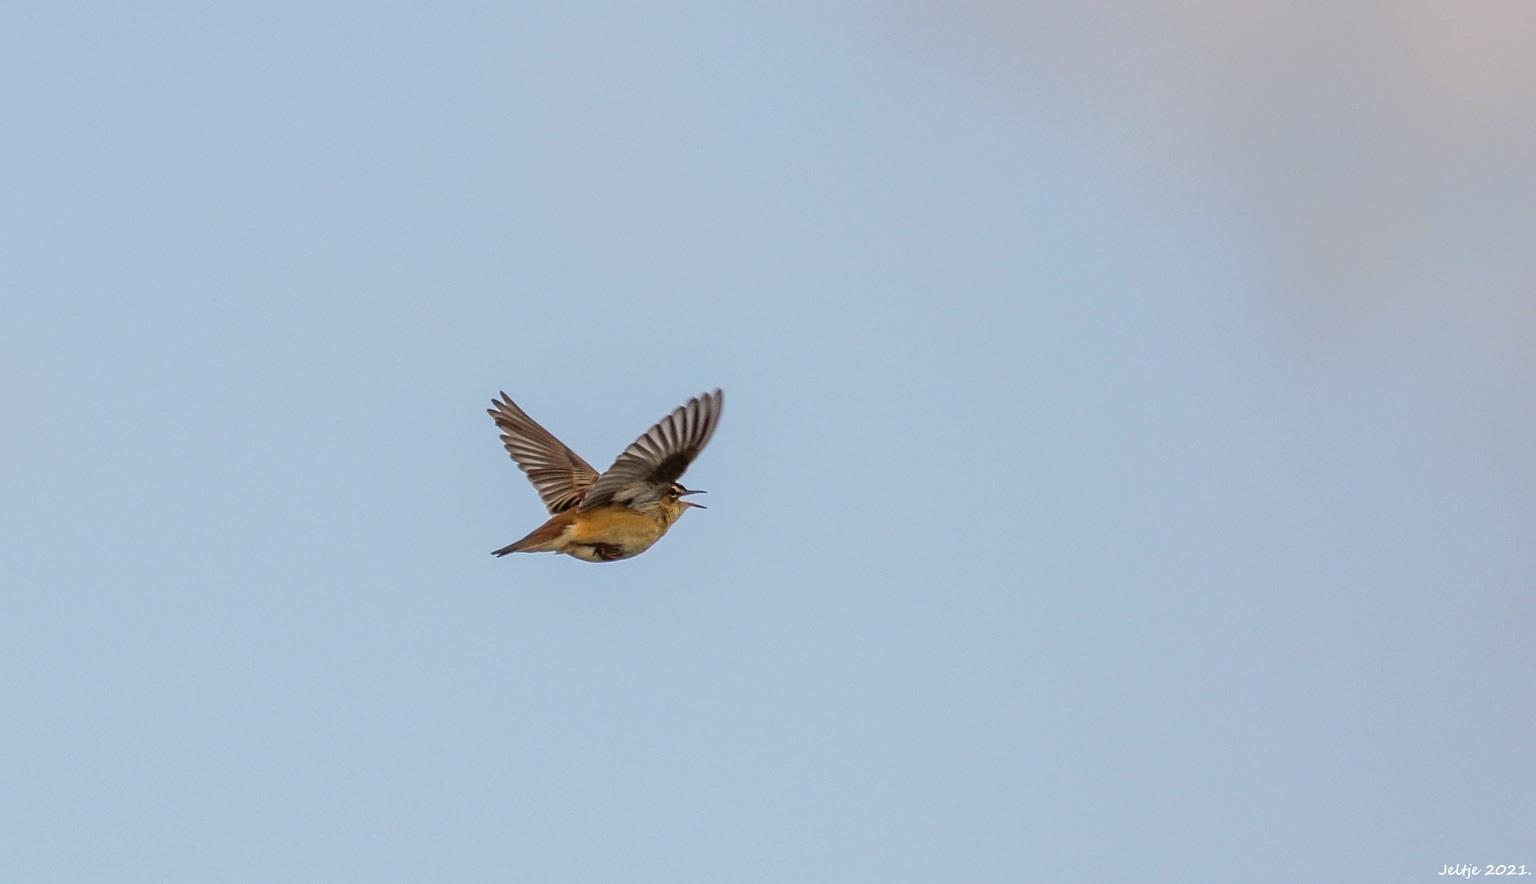 Rietzanger. - Rietzanger. - foto door ikjel op 16-04-2021 - deze foto bevat: rietzanger, lucht, vogel, bek, accipitridae, falconiformes, veer, vleugel, staart, accipitriformes, roofvogel